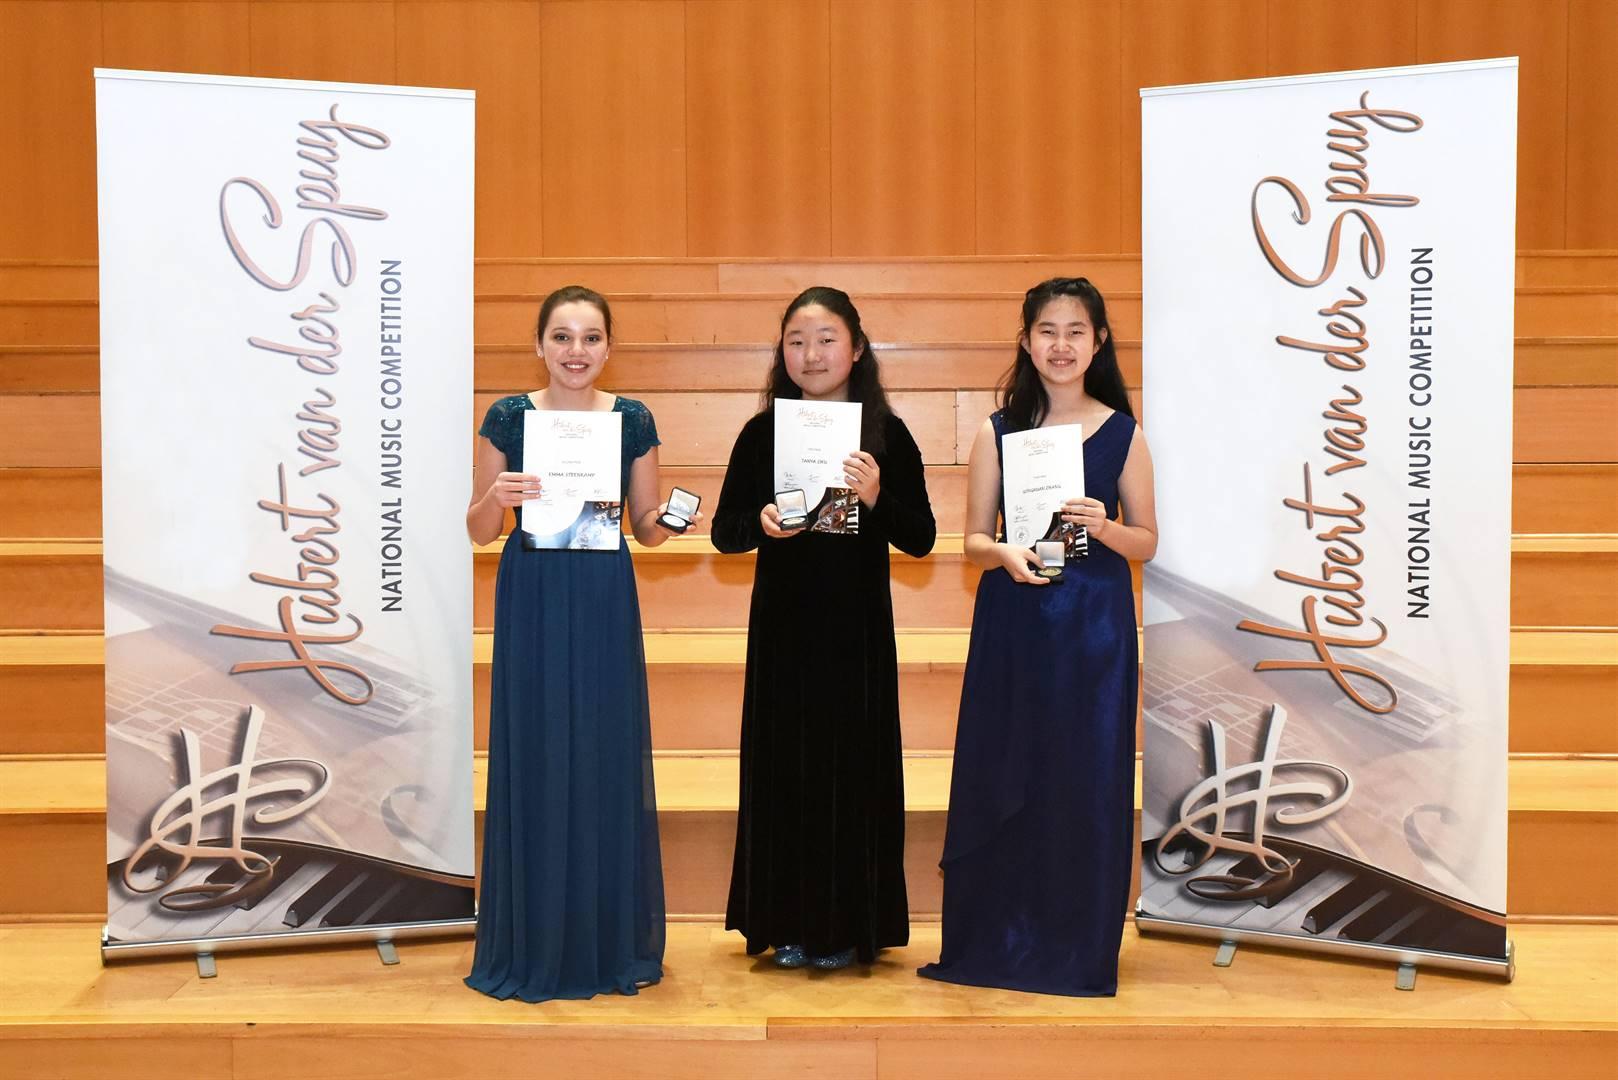 Die wenners van die 32ste Hubert van der Spuy Nasionale Musiekkompetisie is van links die violis Emma Steenkamp (tweede) en die pianiste Tanya Zhu (eerste) en Gongxuan Zhang (derde).  Foto: Verskaf